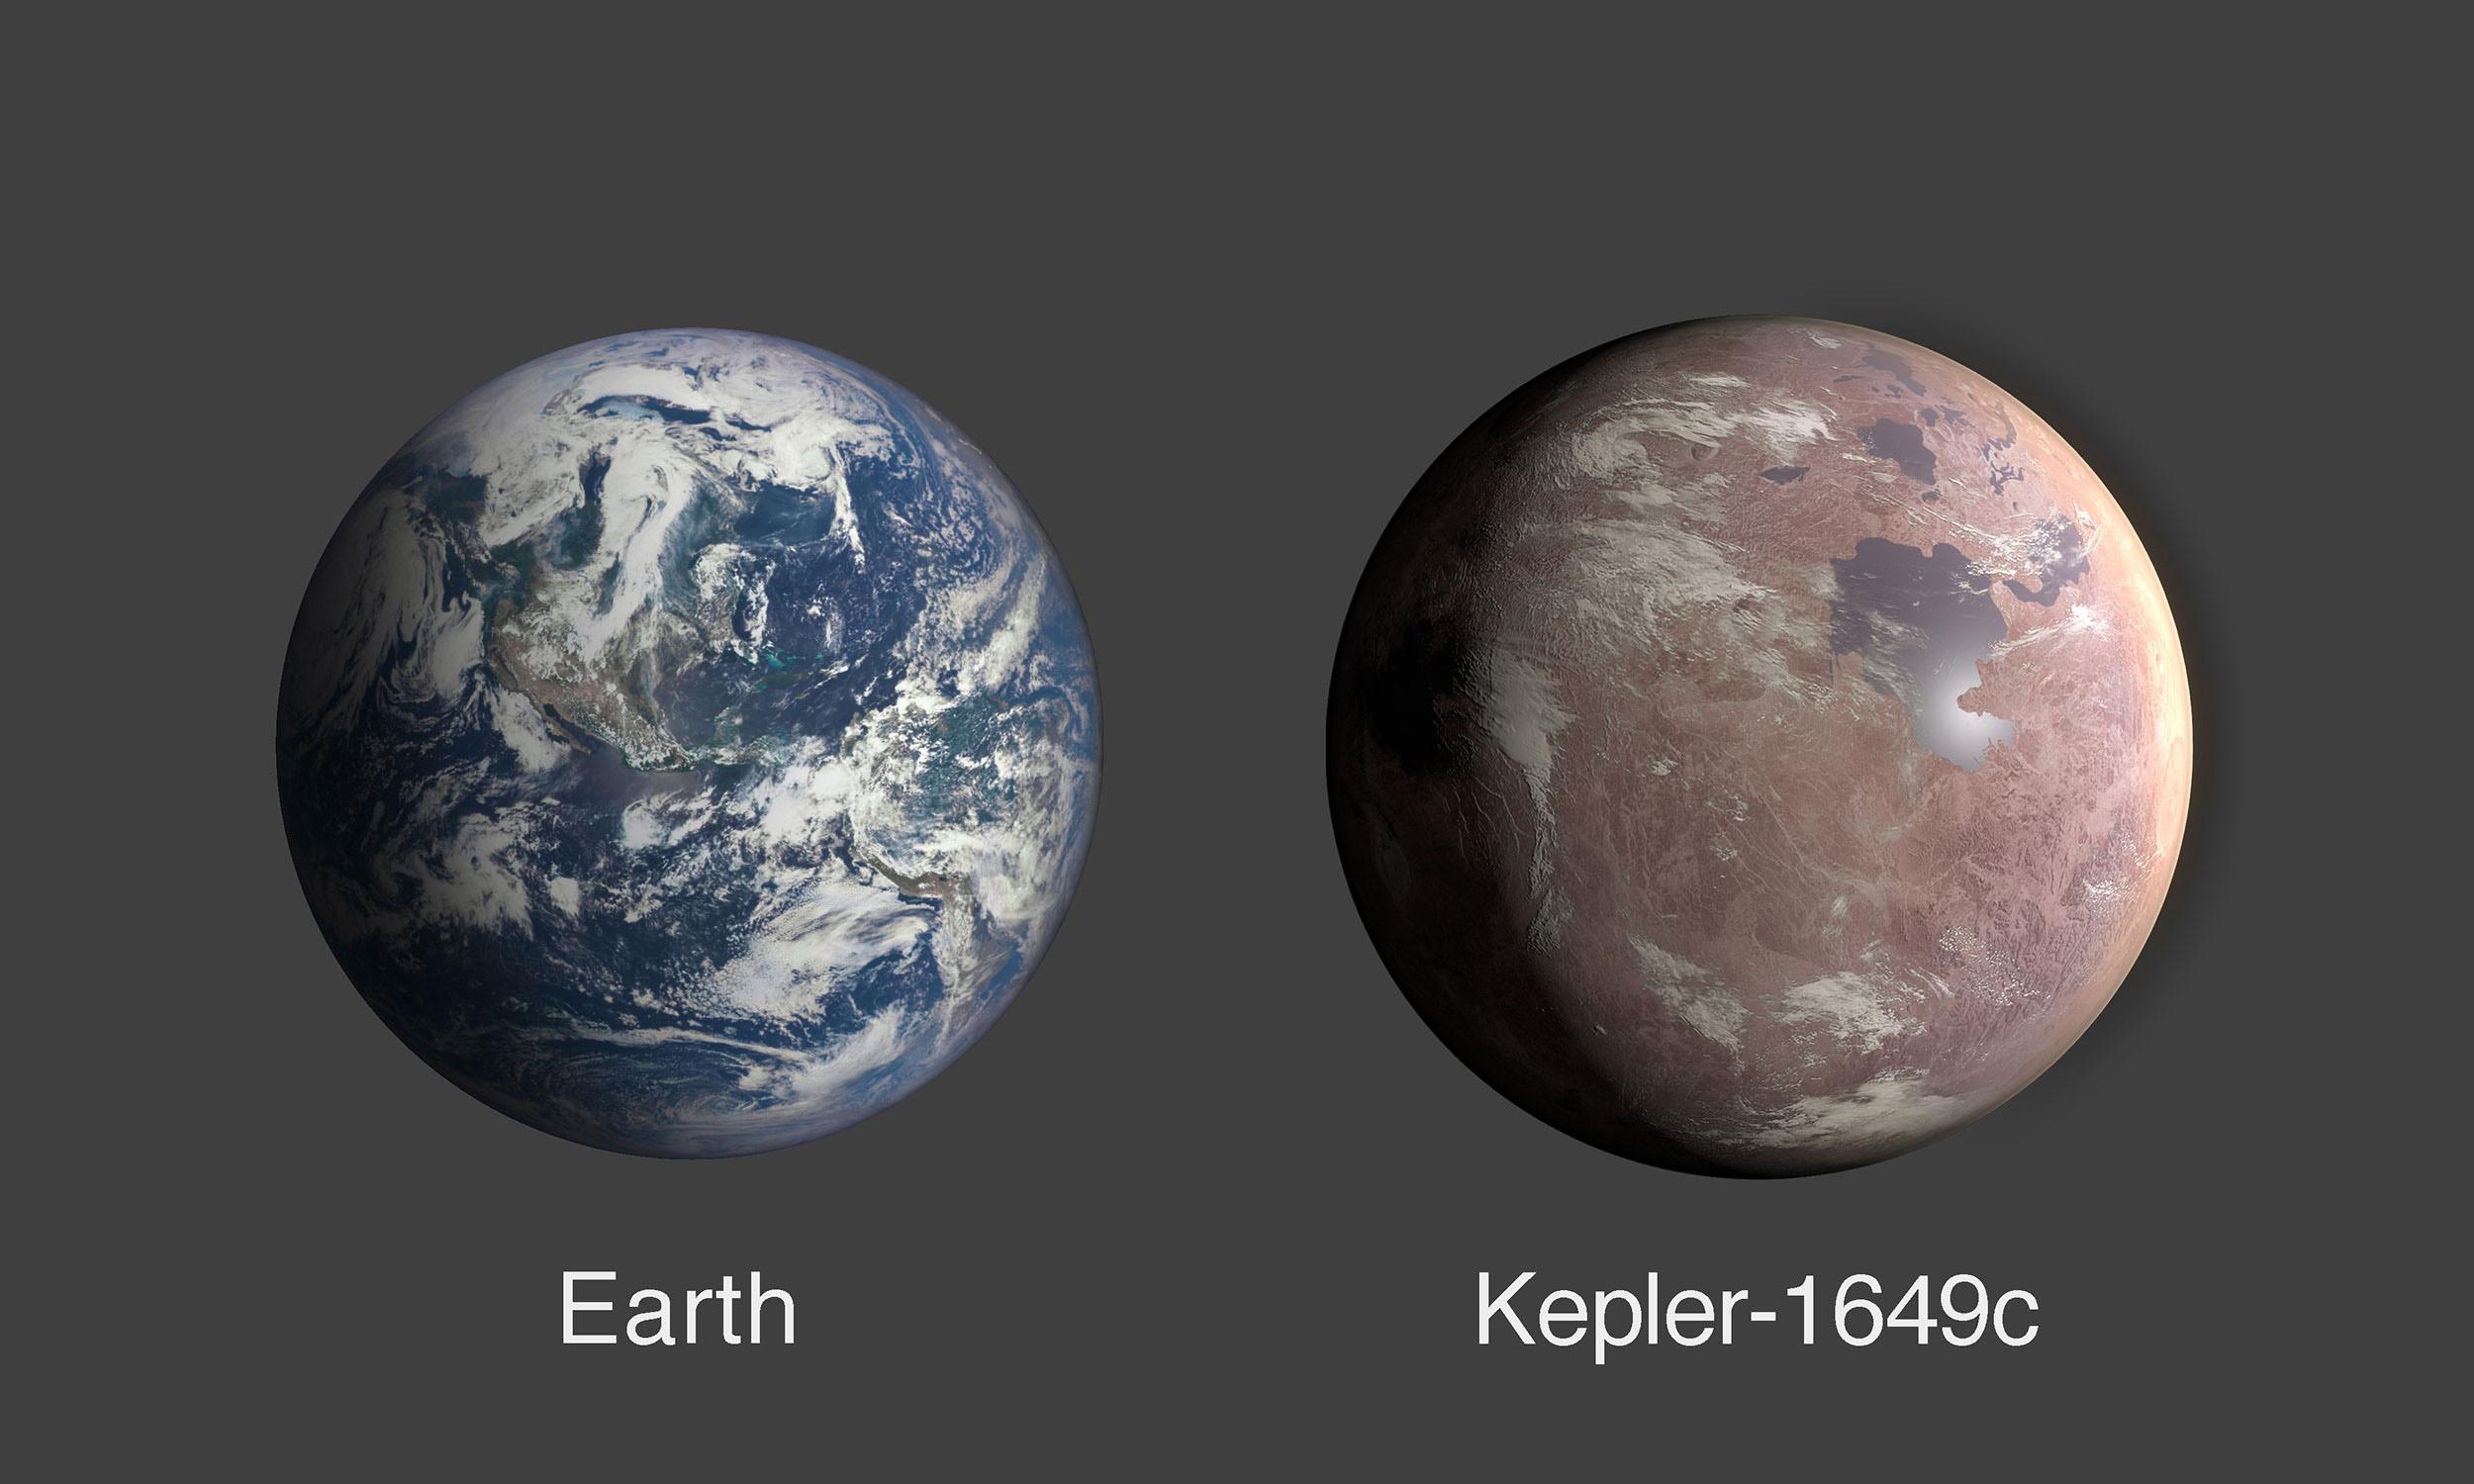 Concepção artística do planeta Kepler-1649c ao lado da Terra